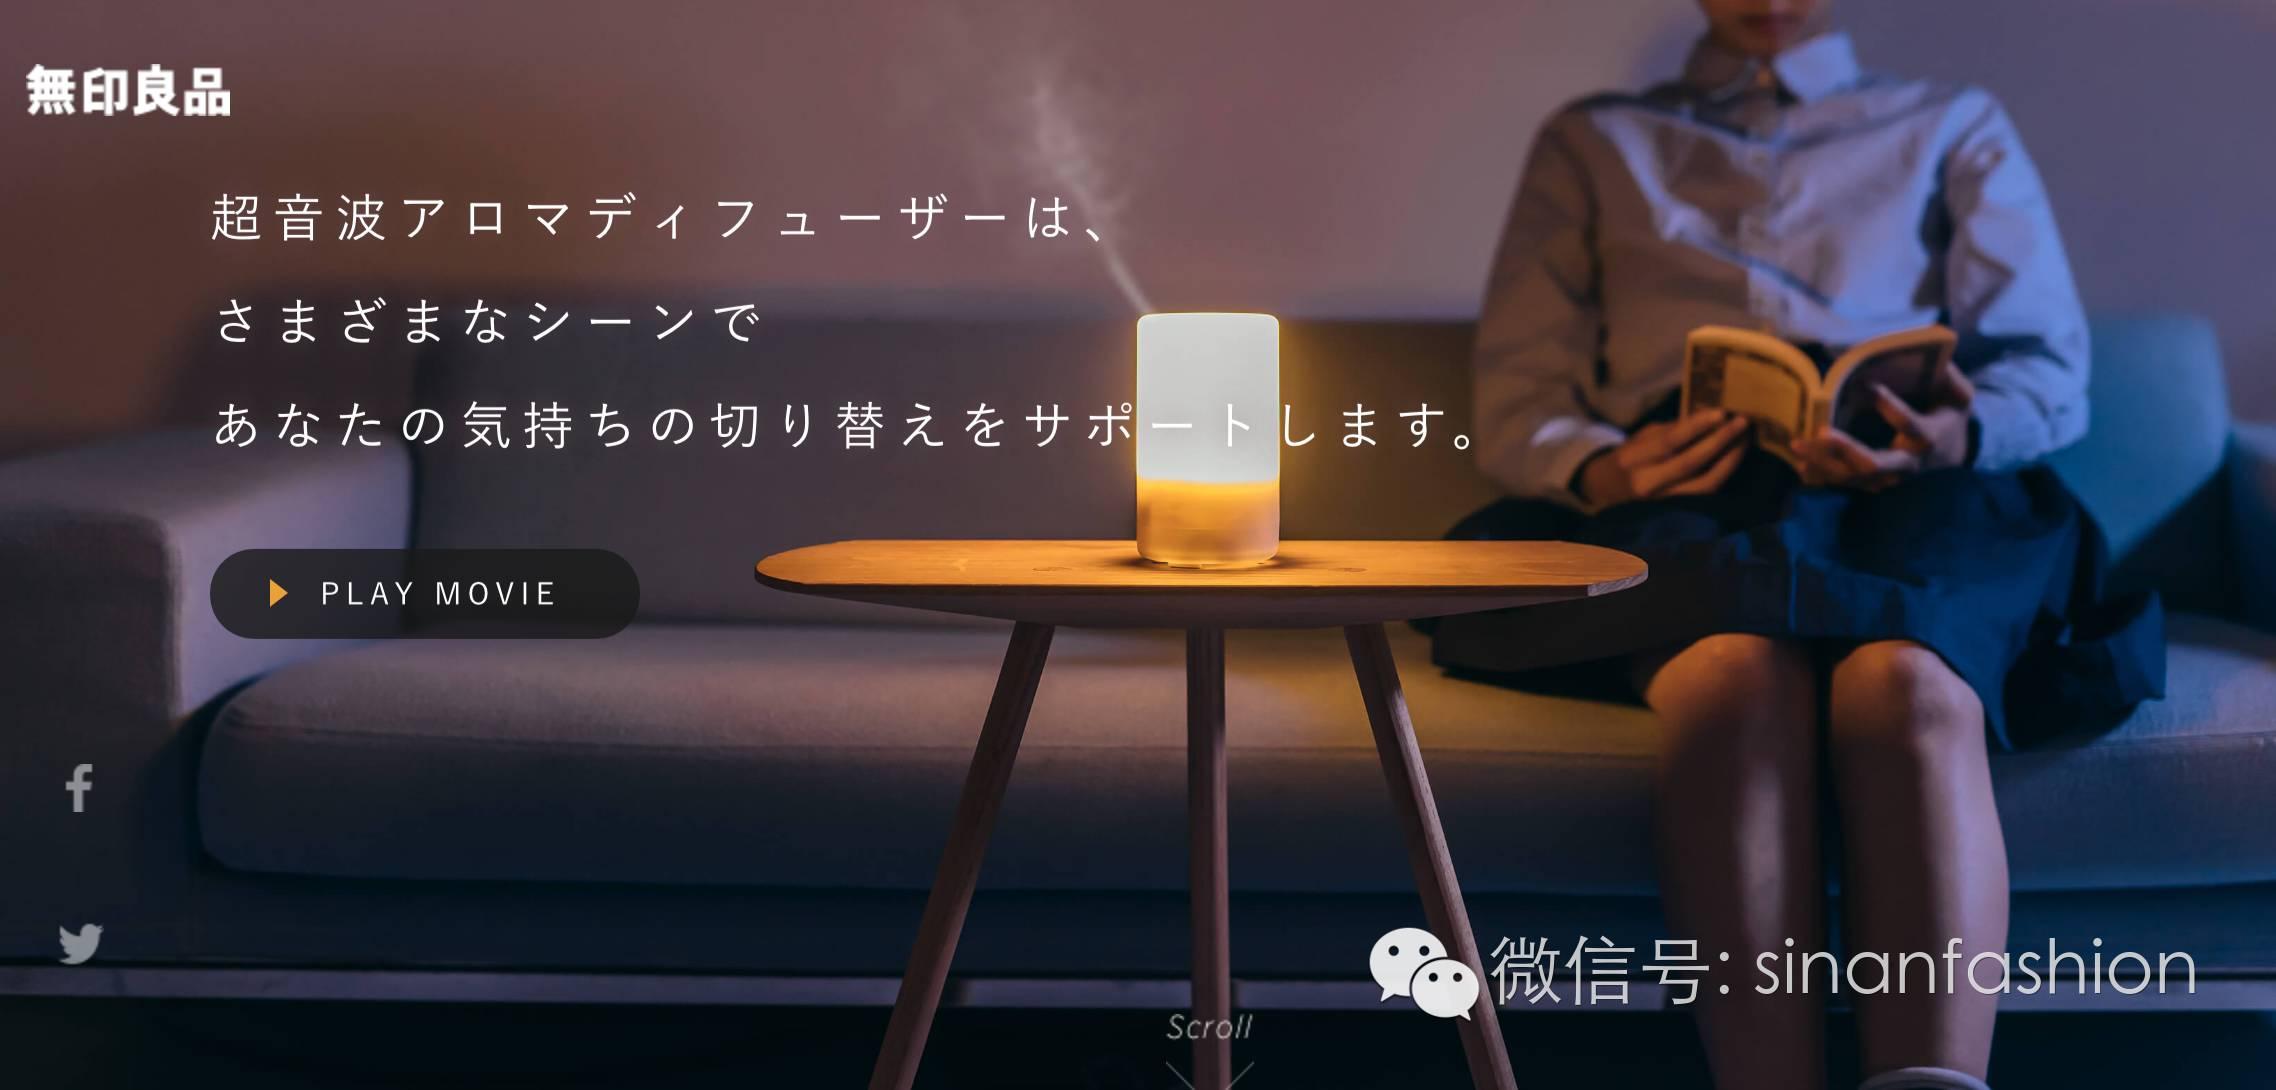 日本店员爆料|无印良品究竟有什么值得买?什